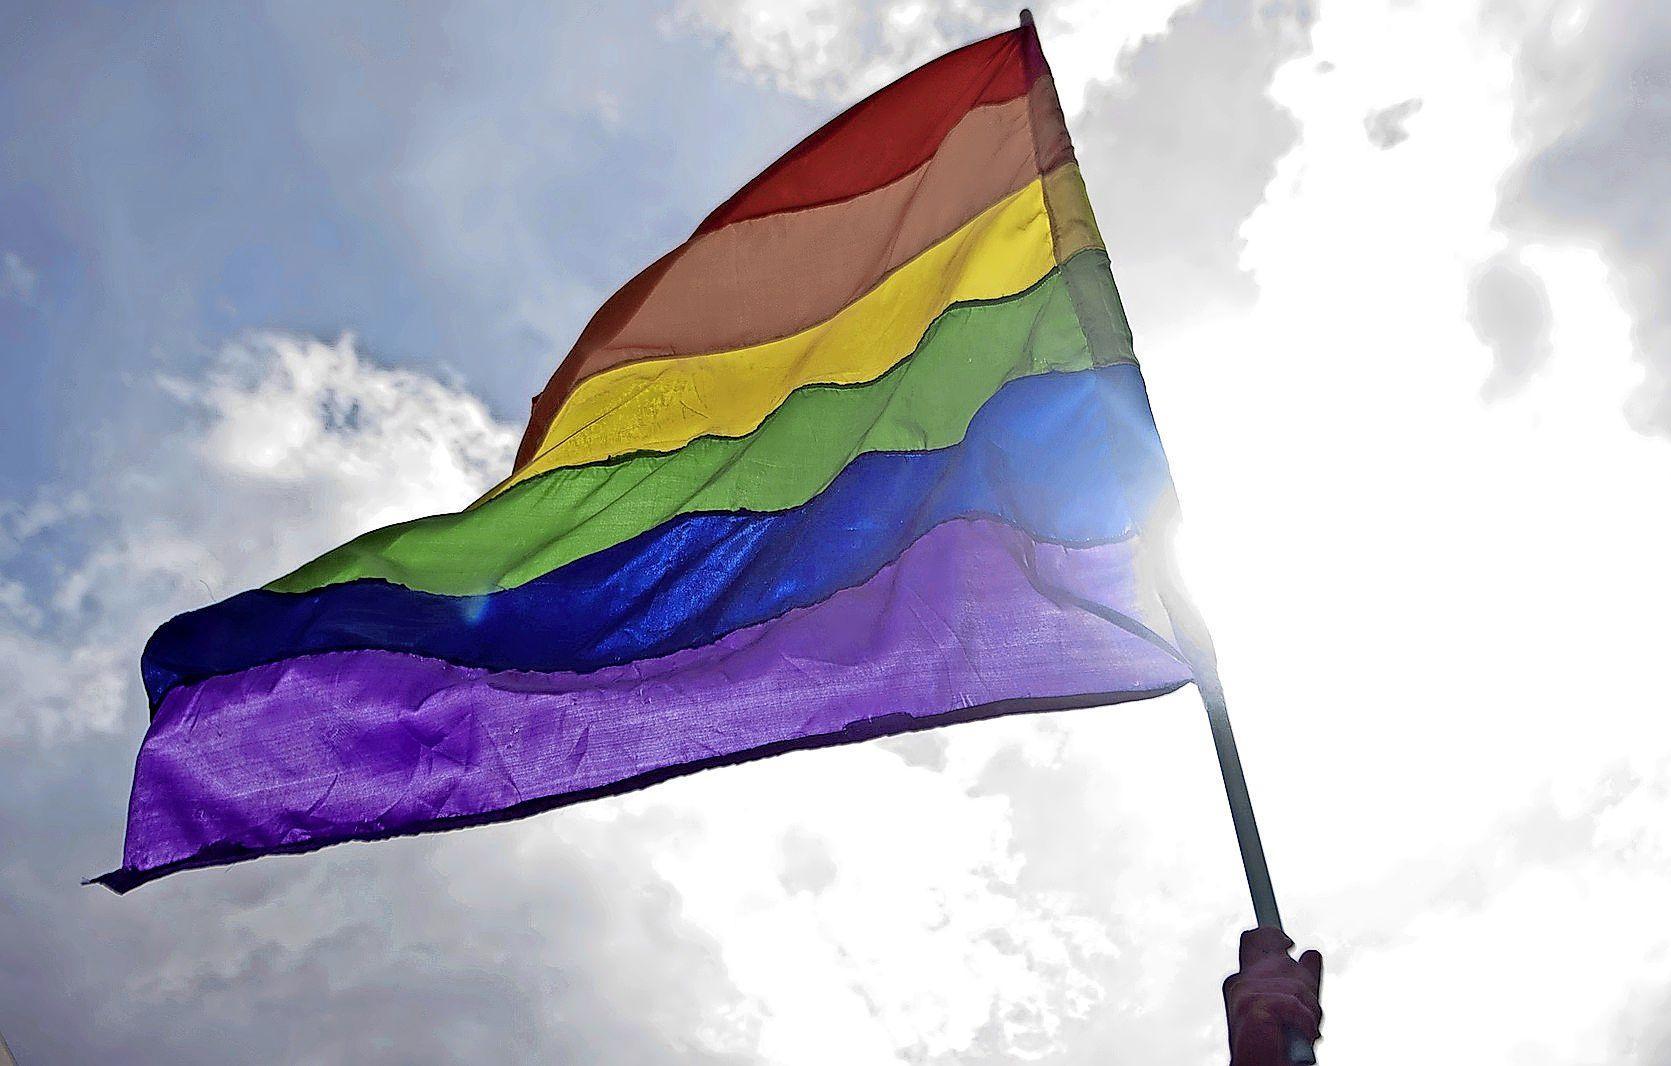 'Een wedstrijd waarin niets op het spel staat, is belangrijker dan je uitspreken tegen homohaat' | EK-column